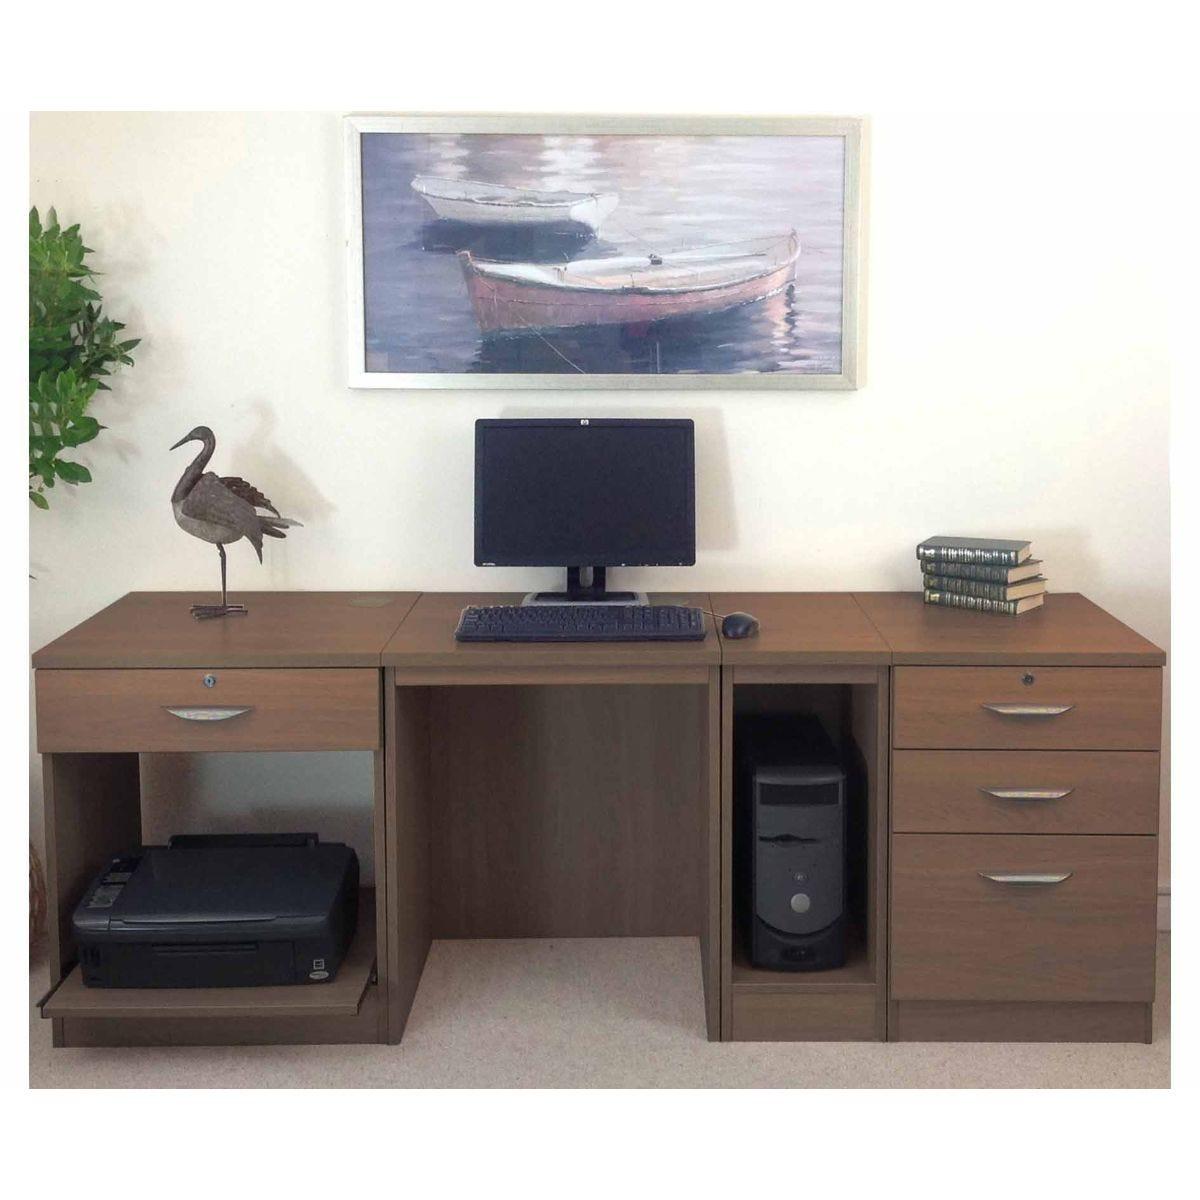 R White Home Office Wide Desk, Teak